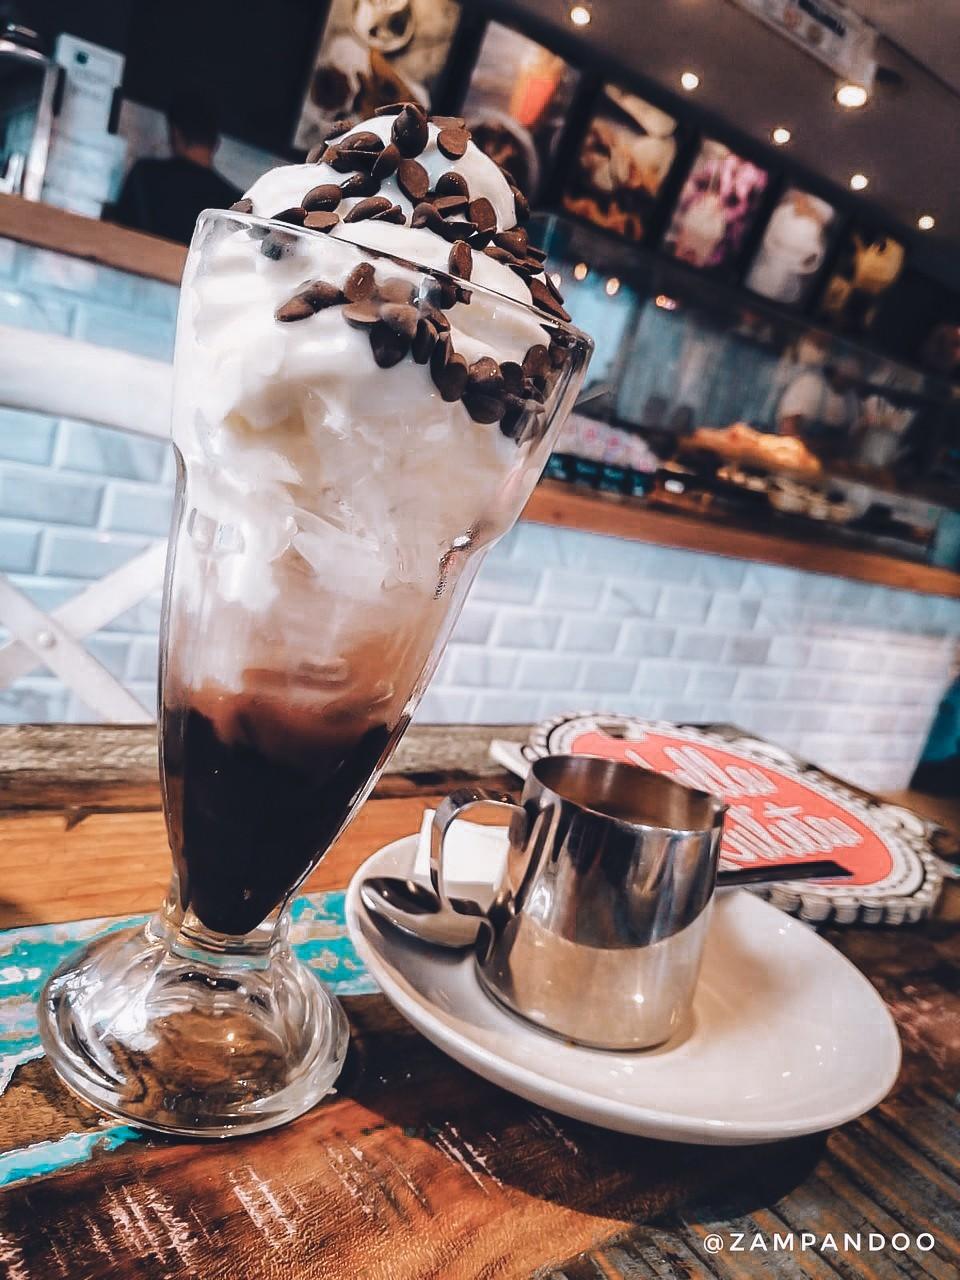 La Bella Julieta desserts and drinks